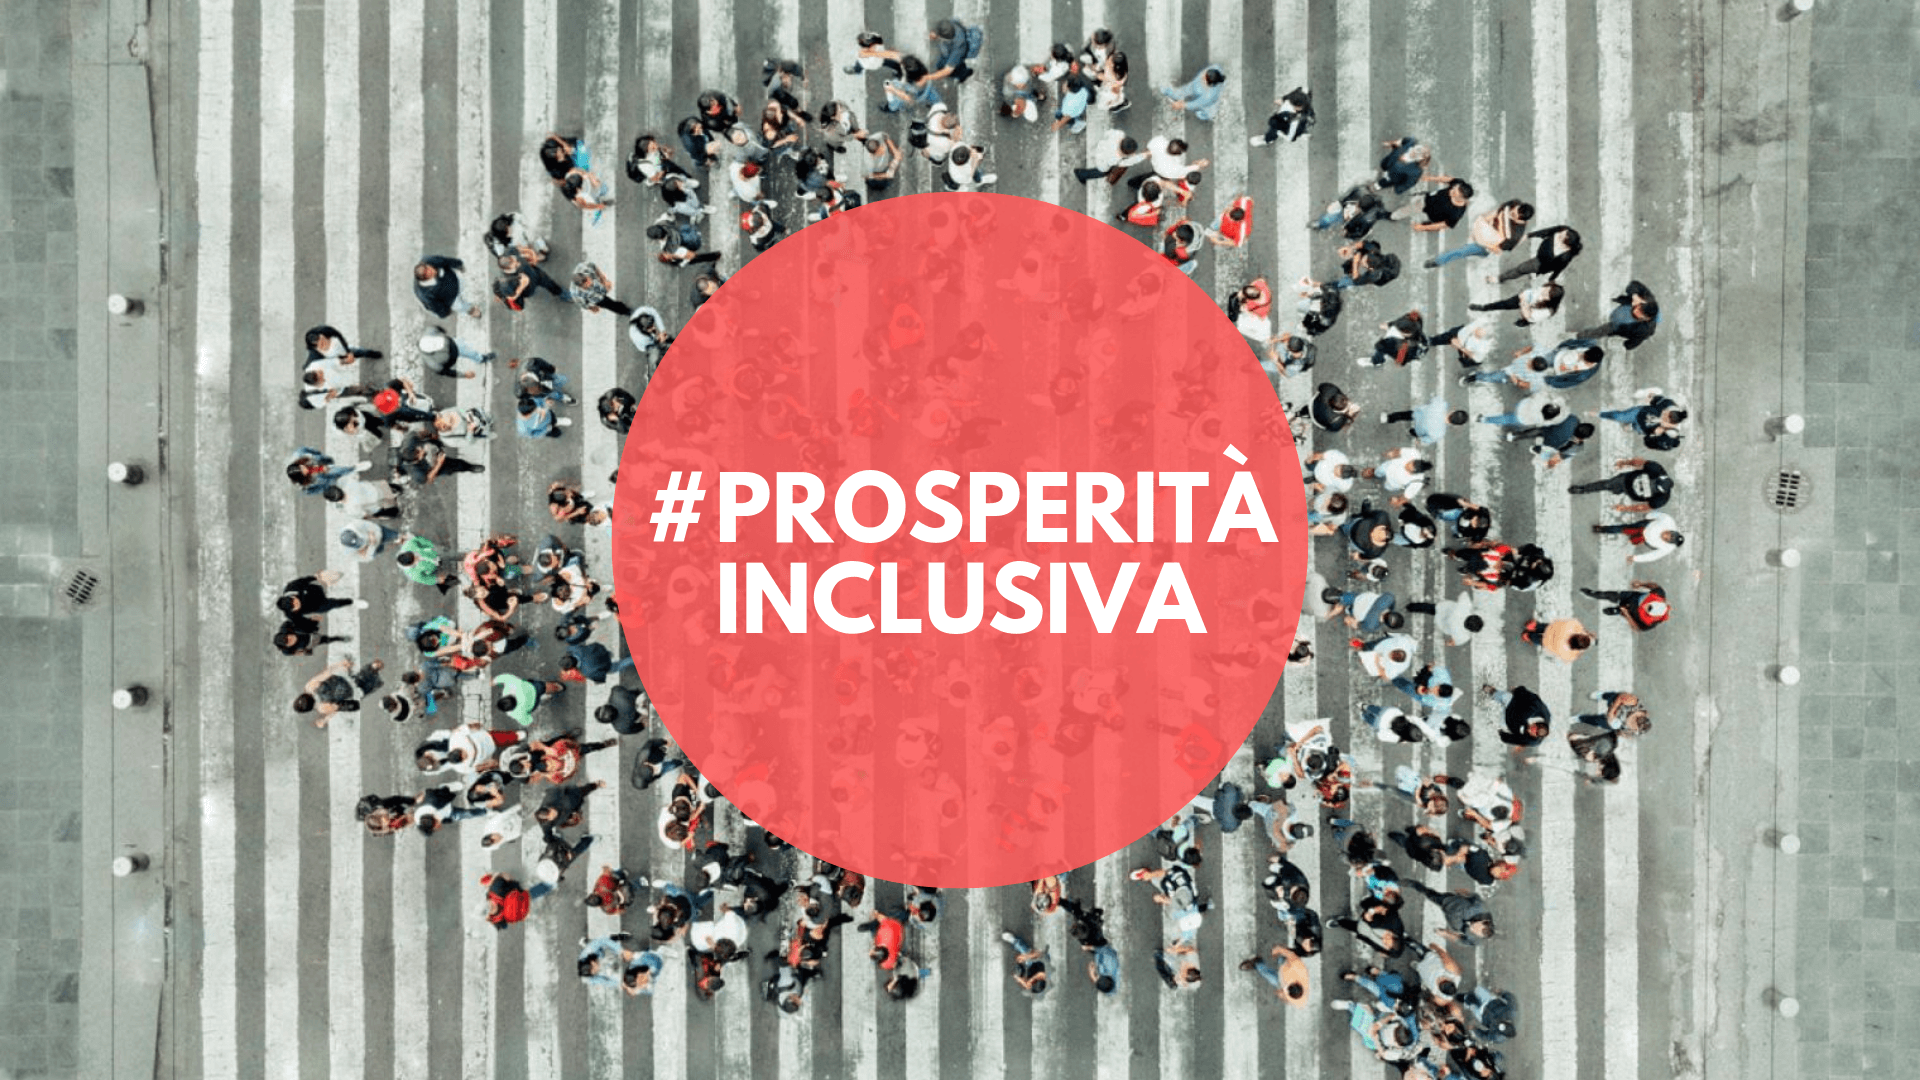 Prosperità Inclusiva, Gli Hashtag Delle GDB 2019